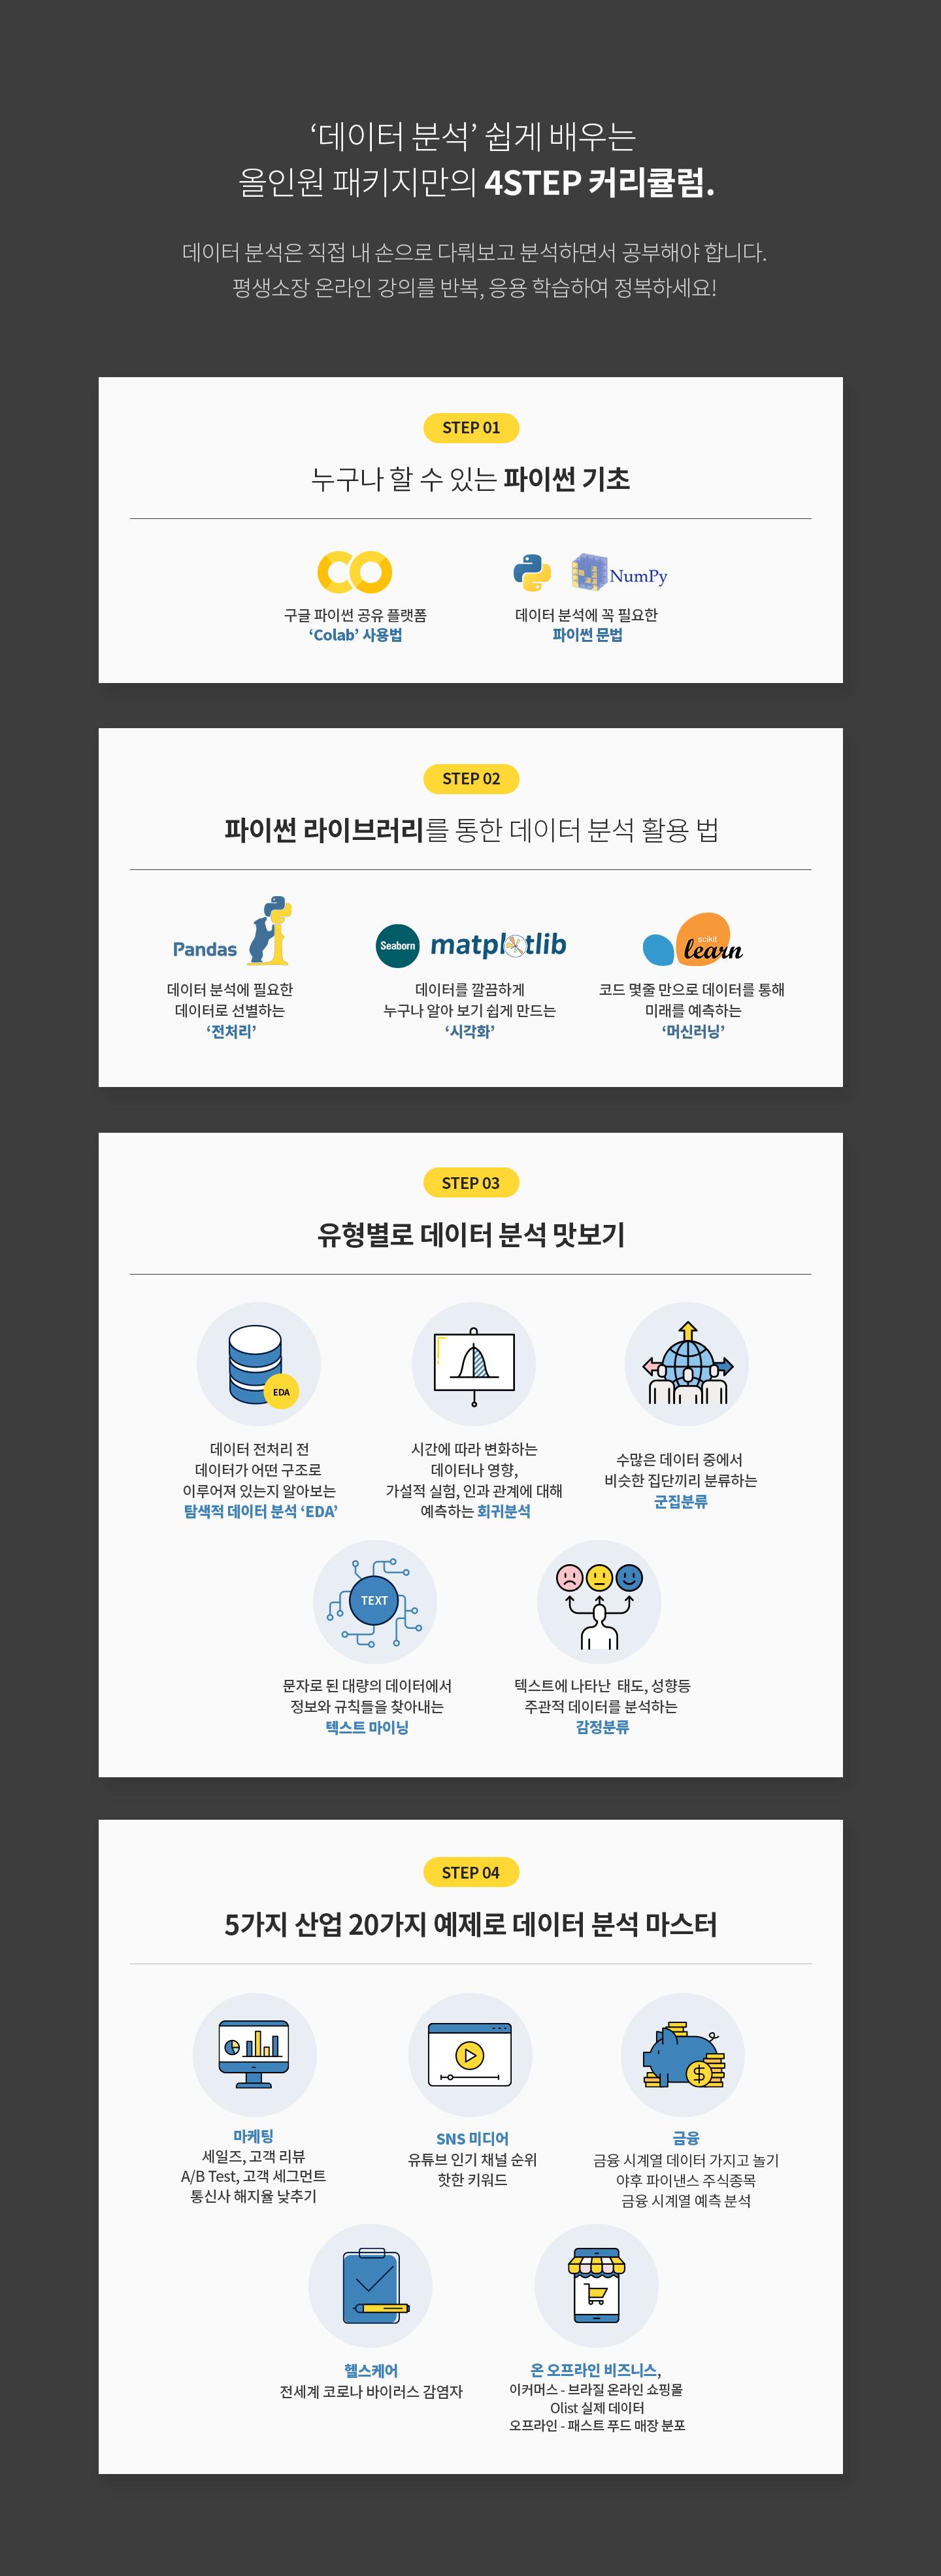 데이터분석 파이썬교육